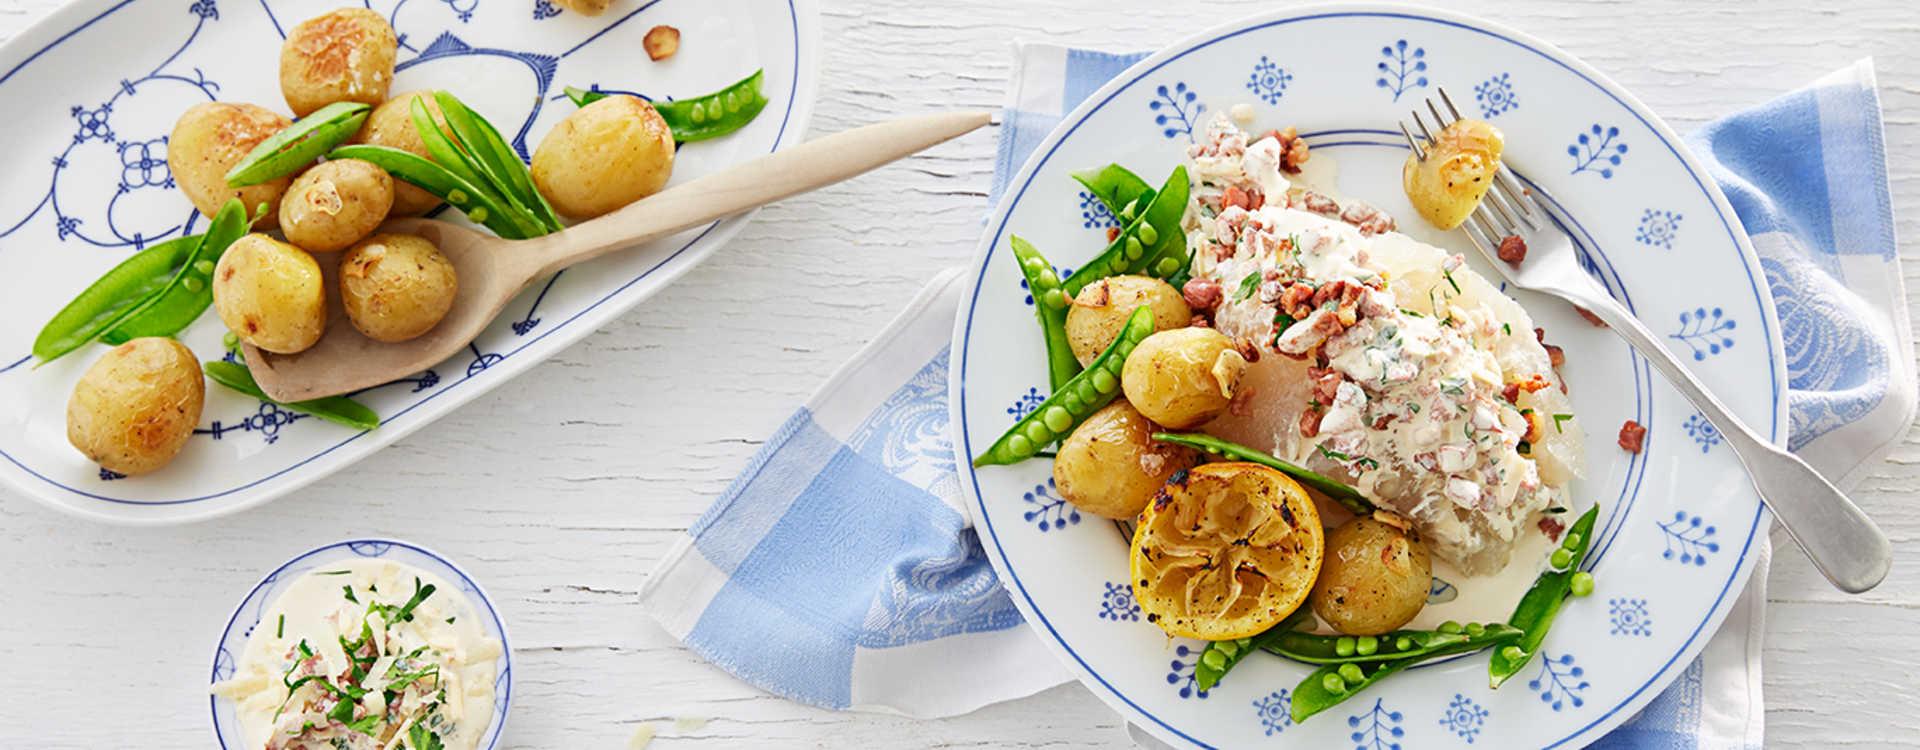 Lutefisk med sitronbakte poteter, baconkrem og sukkererter